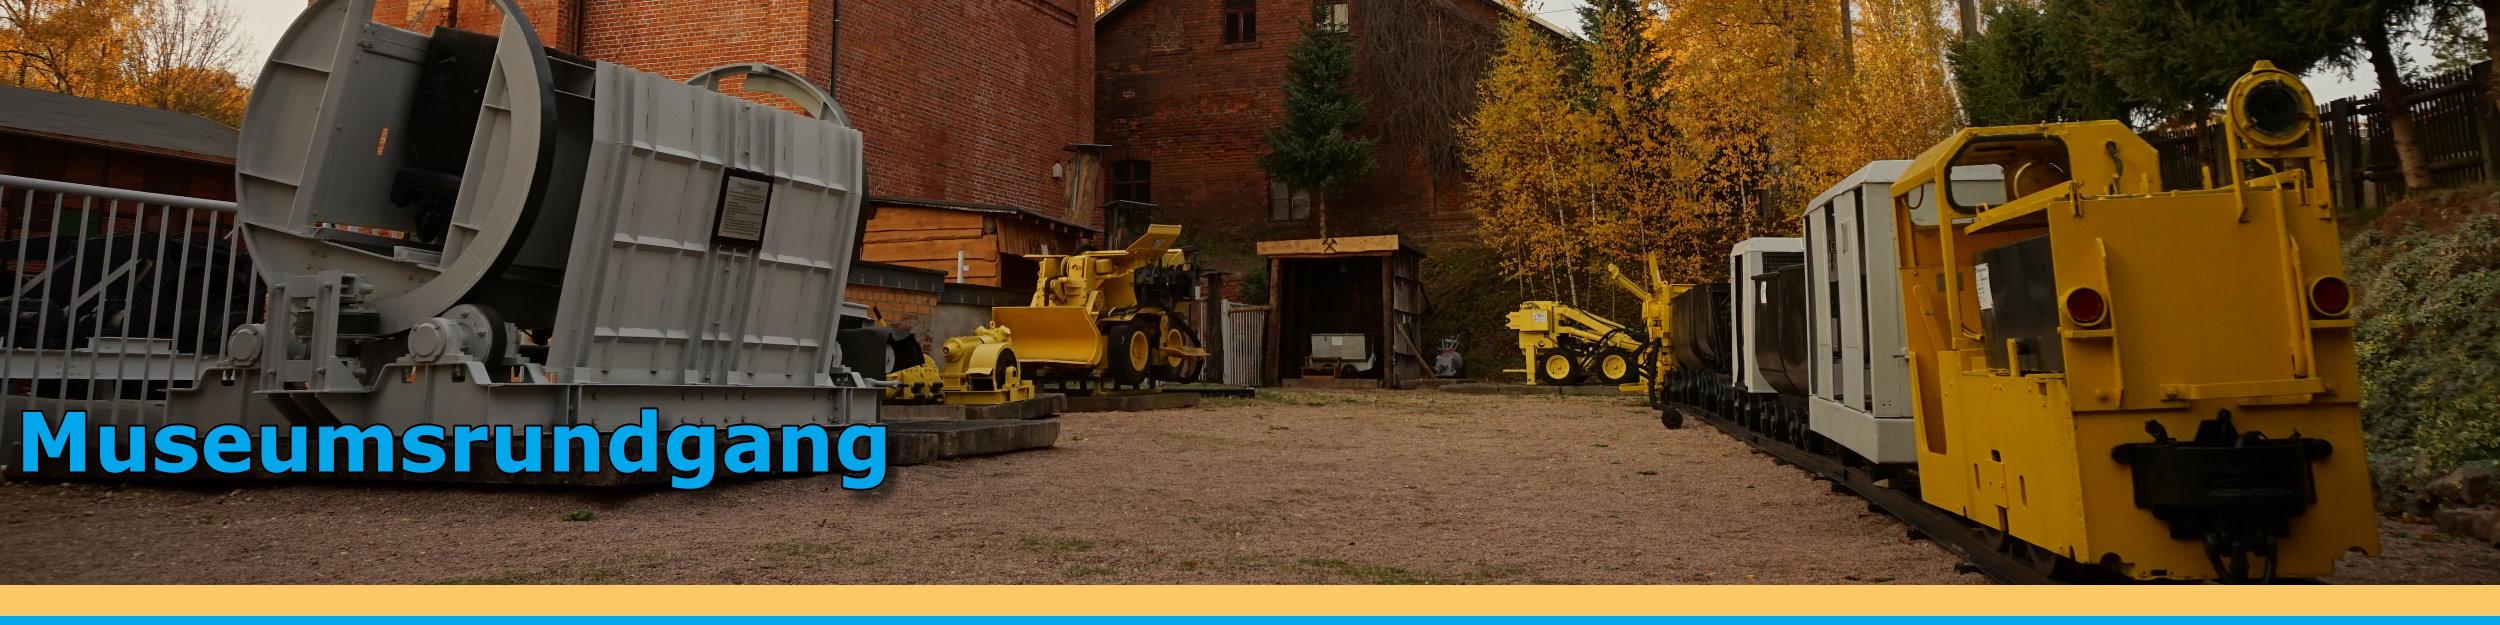 Heimatverein-Reinsdorf